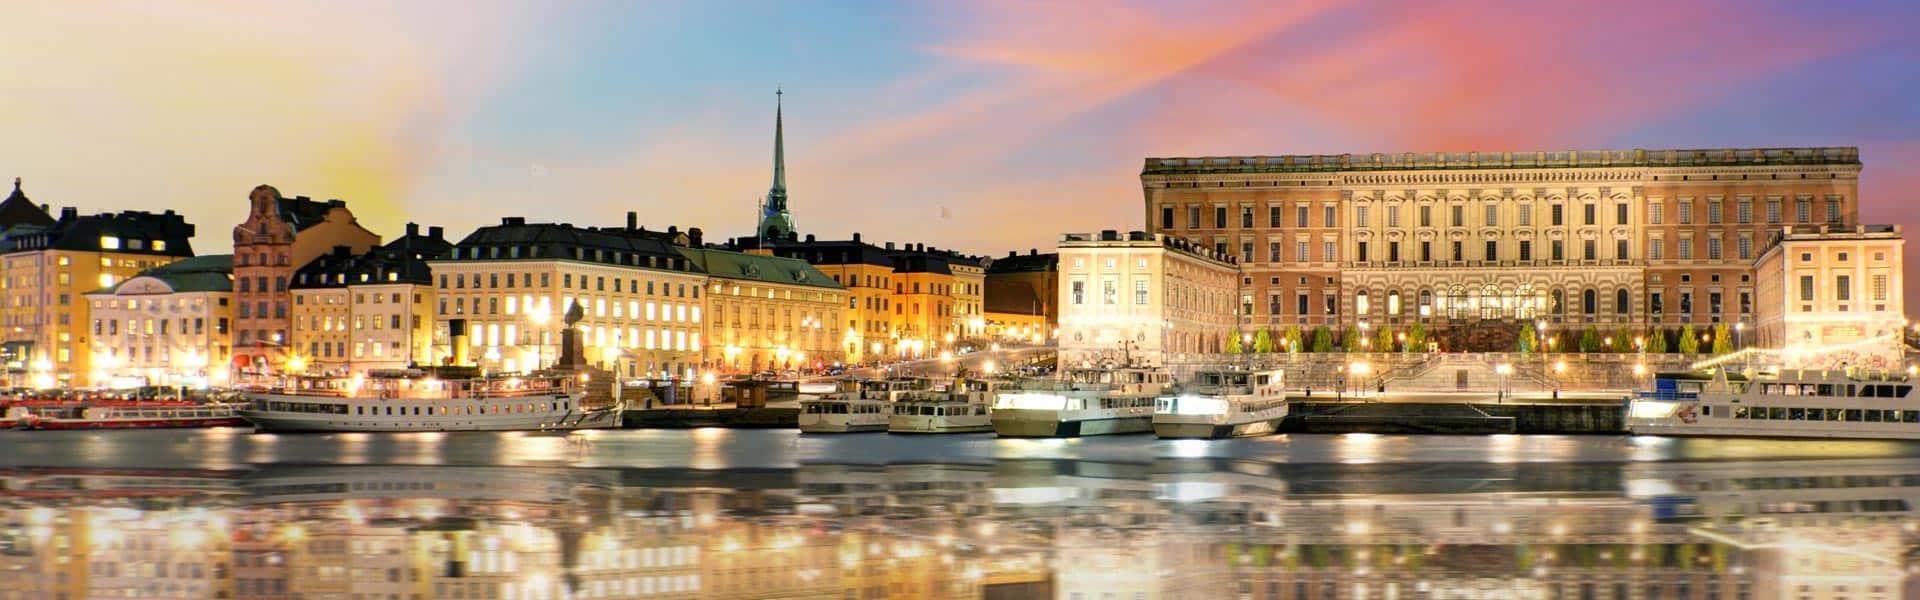 Königshaus Schweden: Besuchen Sie das Königshaus in Schweden